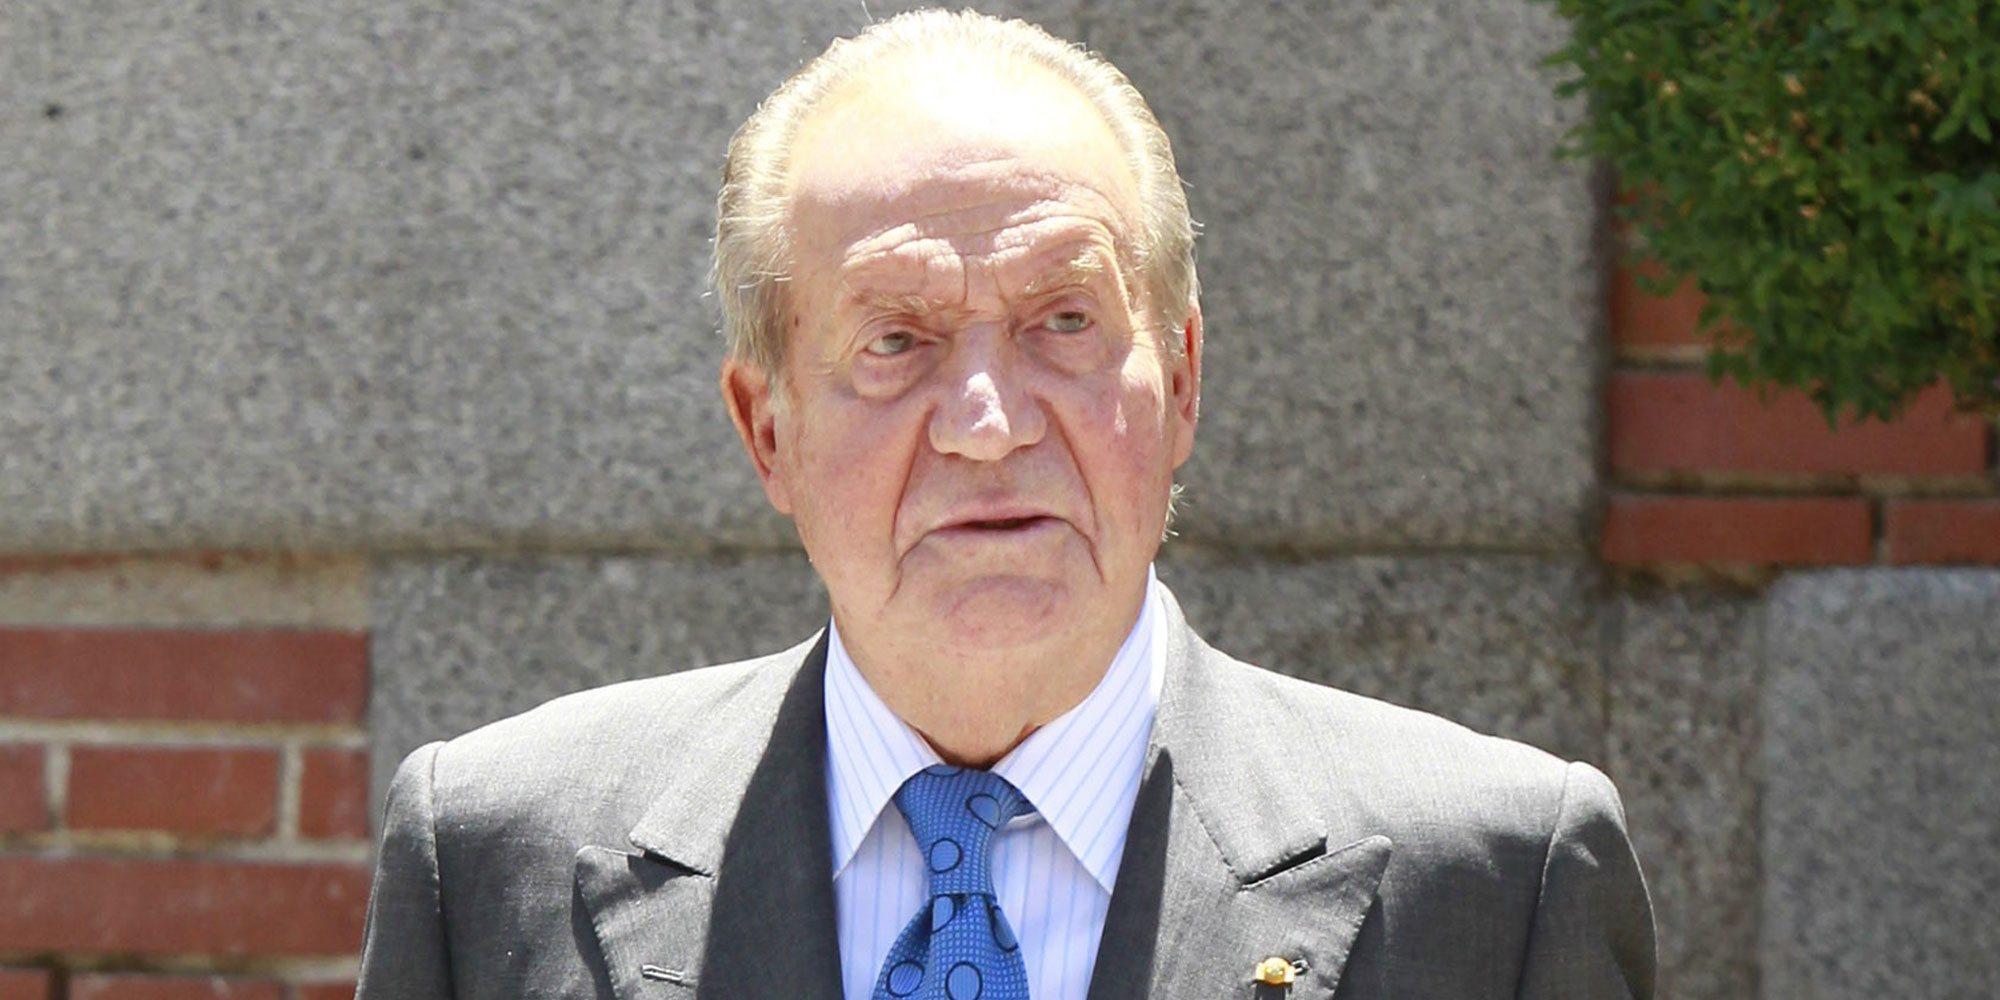 El Rey Juan Carlos: lapsus, deterioro cognitivo leve, victimismo y sin percepción de culpa